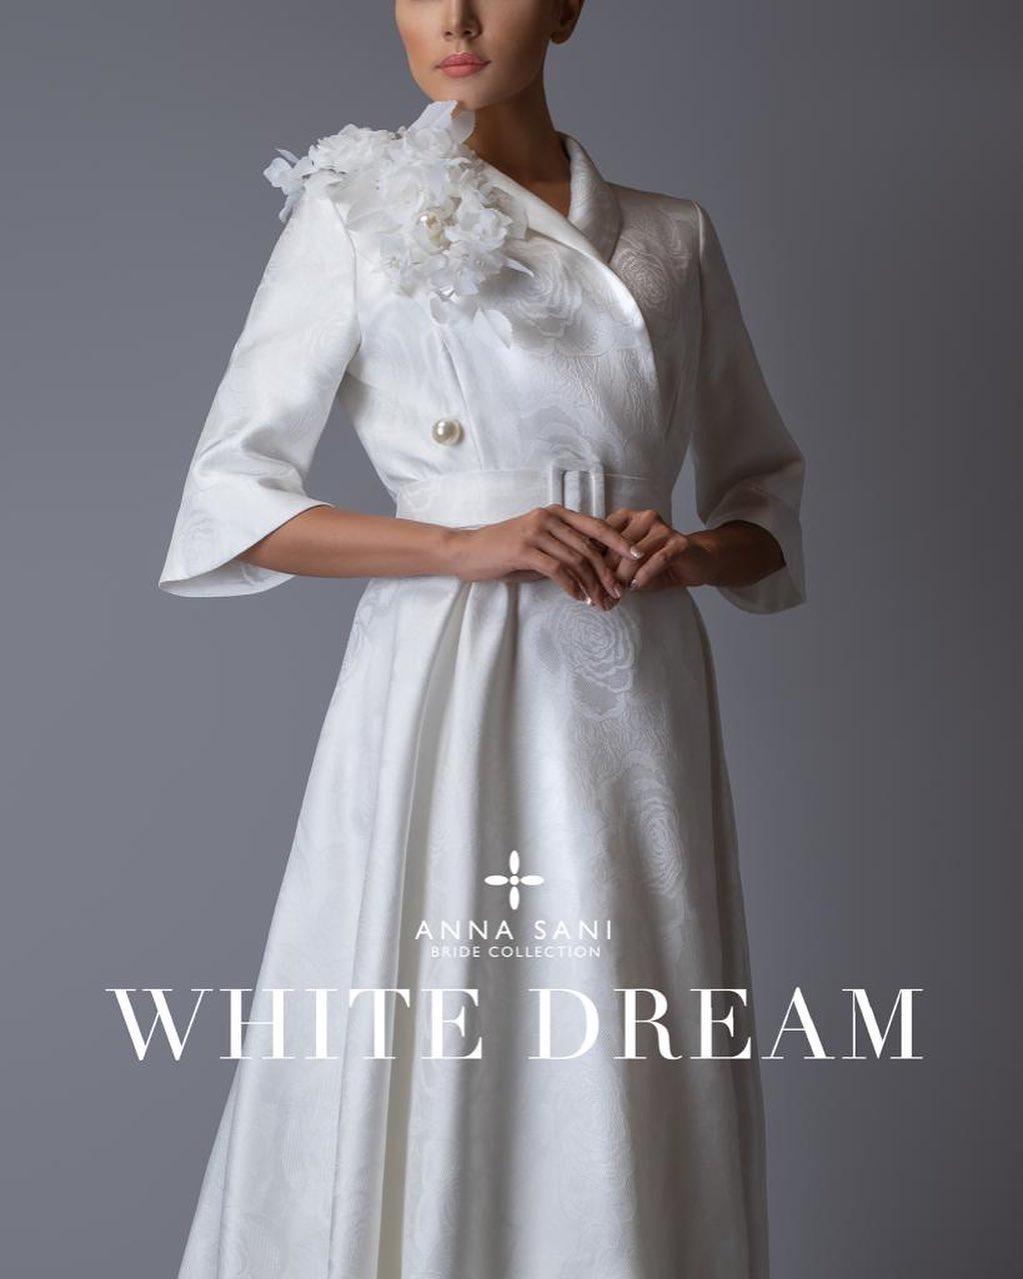 مجموعه جدید لباس عروس برند anna sanı با نام رویای سفید